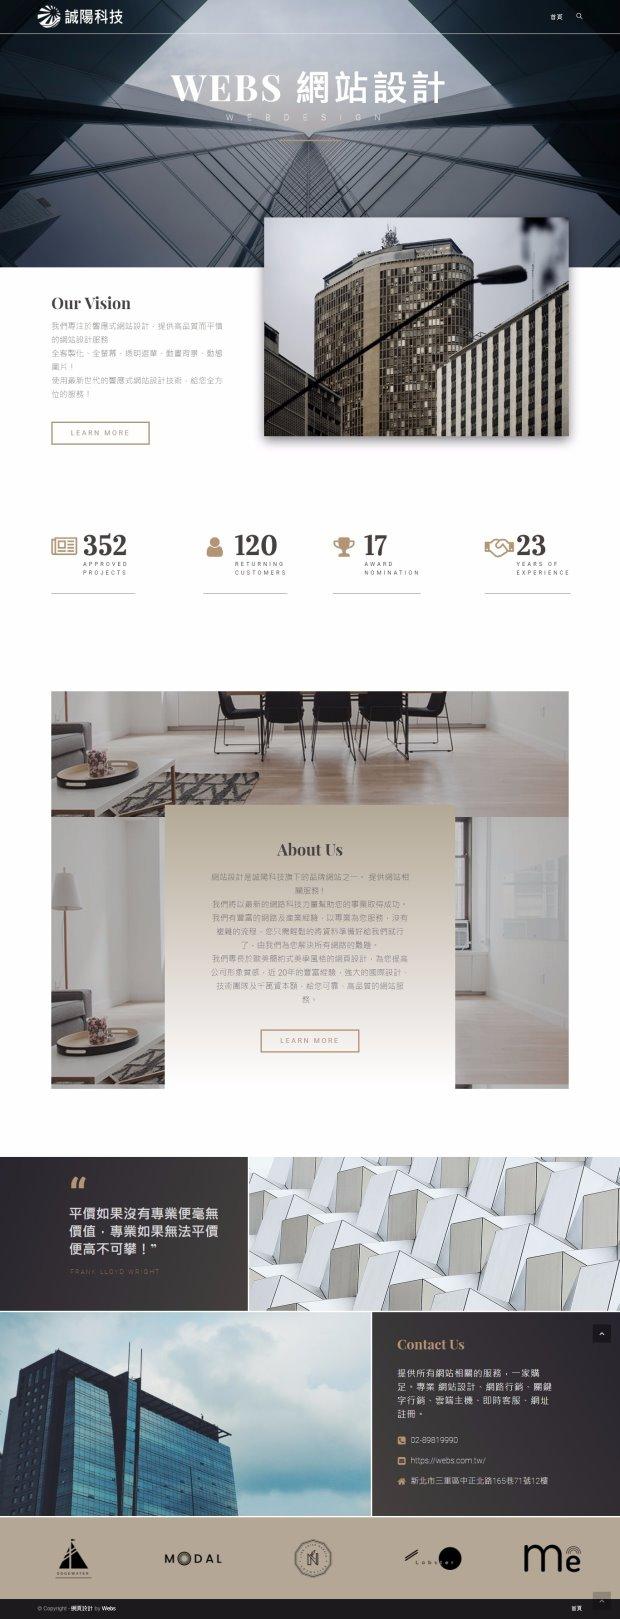 網頁設計-風格11-1